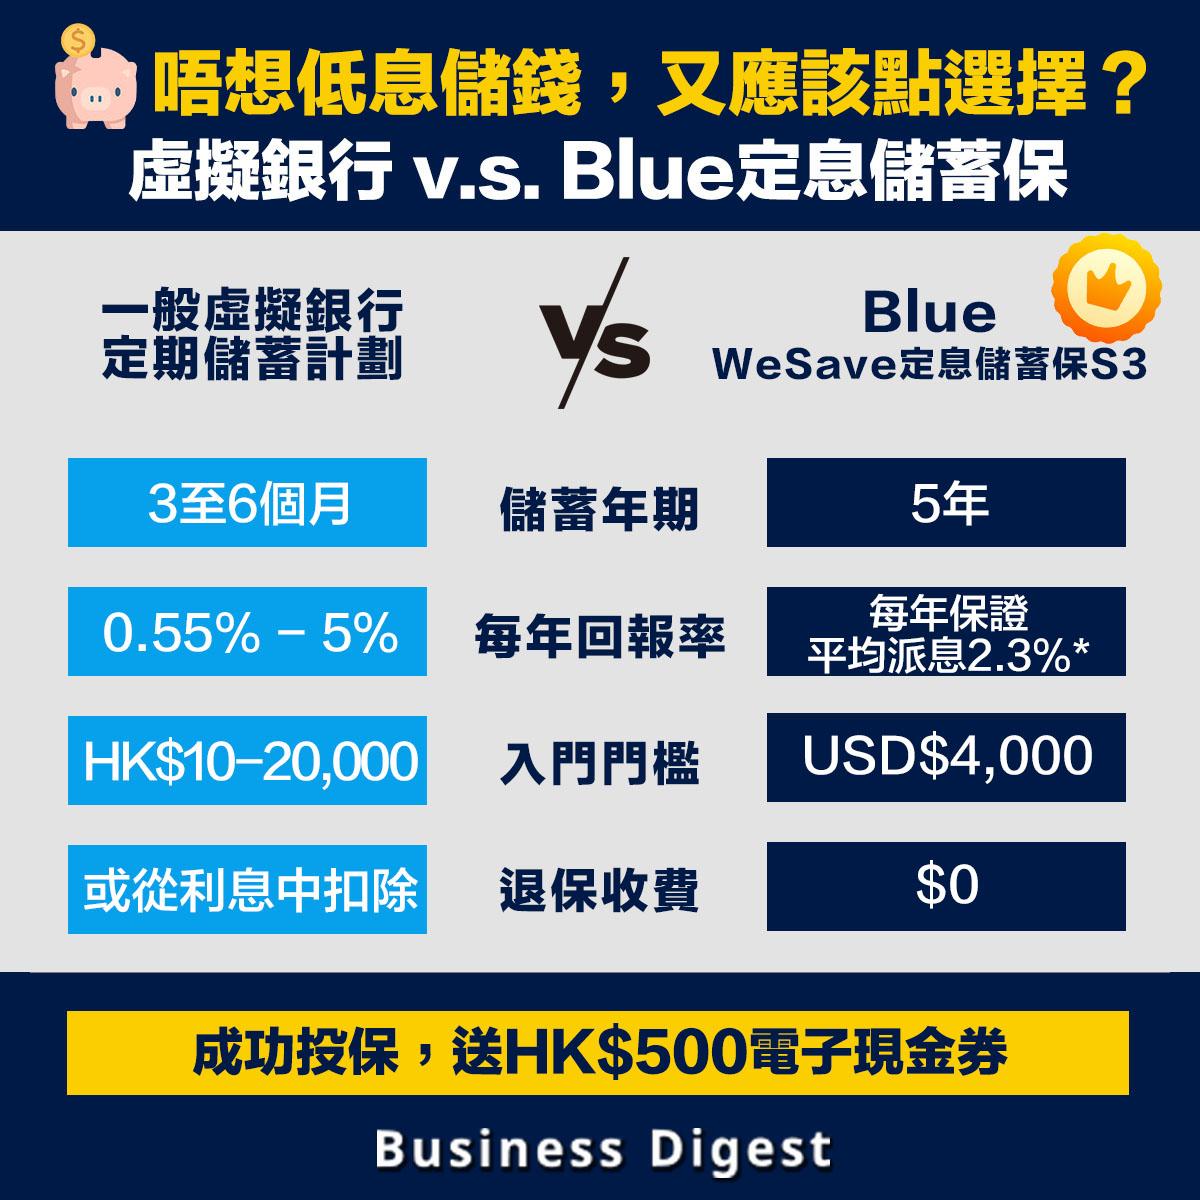 唔想低息儲錢?Blue 「WeSave定息儲蓄保S3」每年平均派息率2.3%